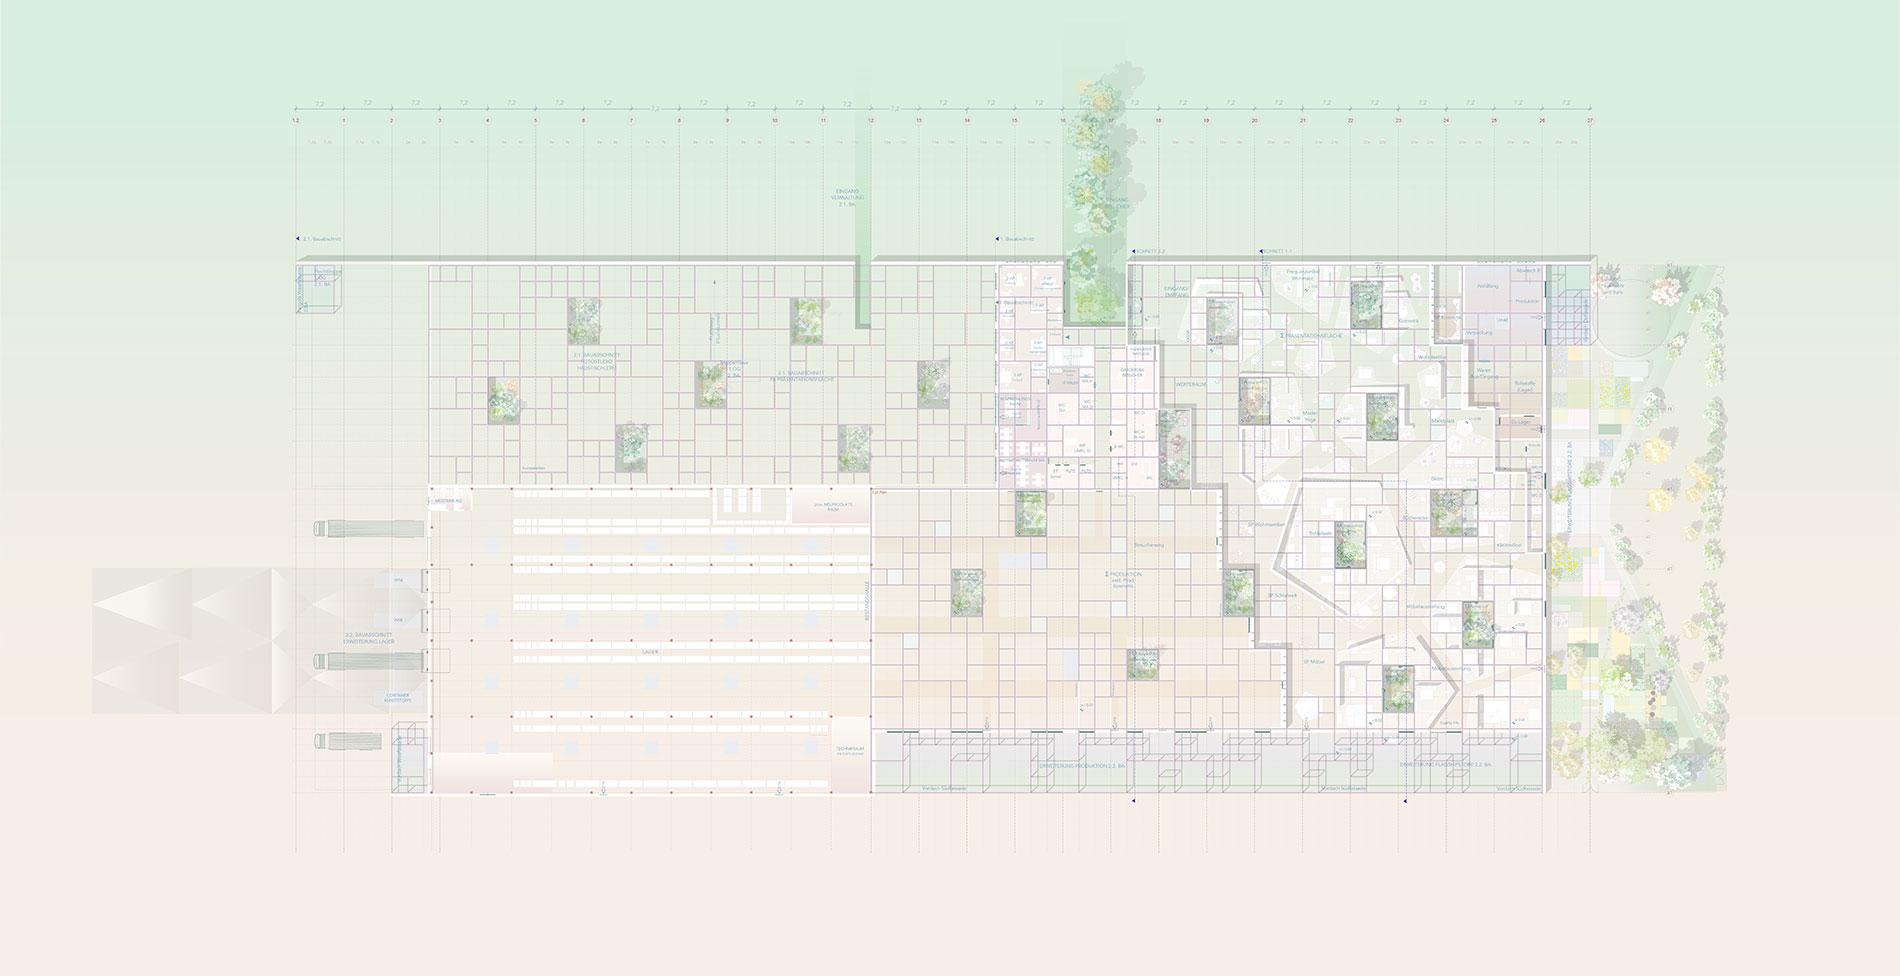 Grüne erde architectural plan